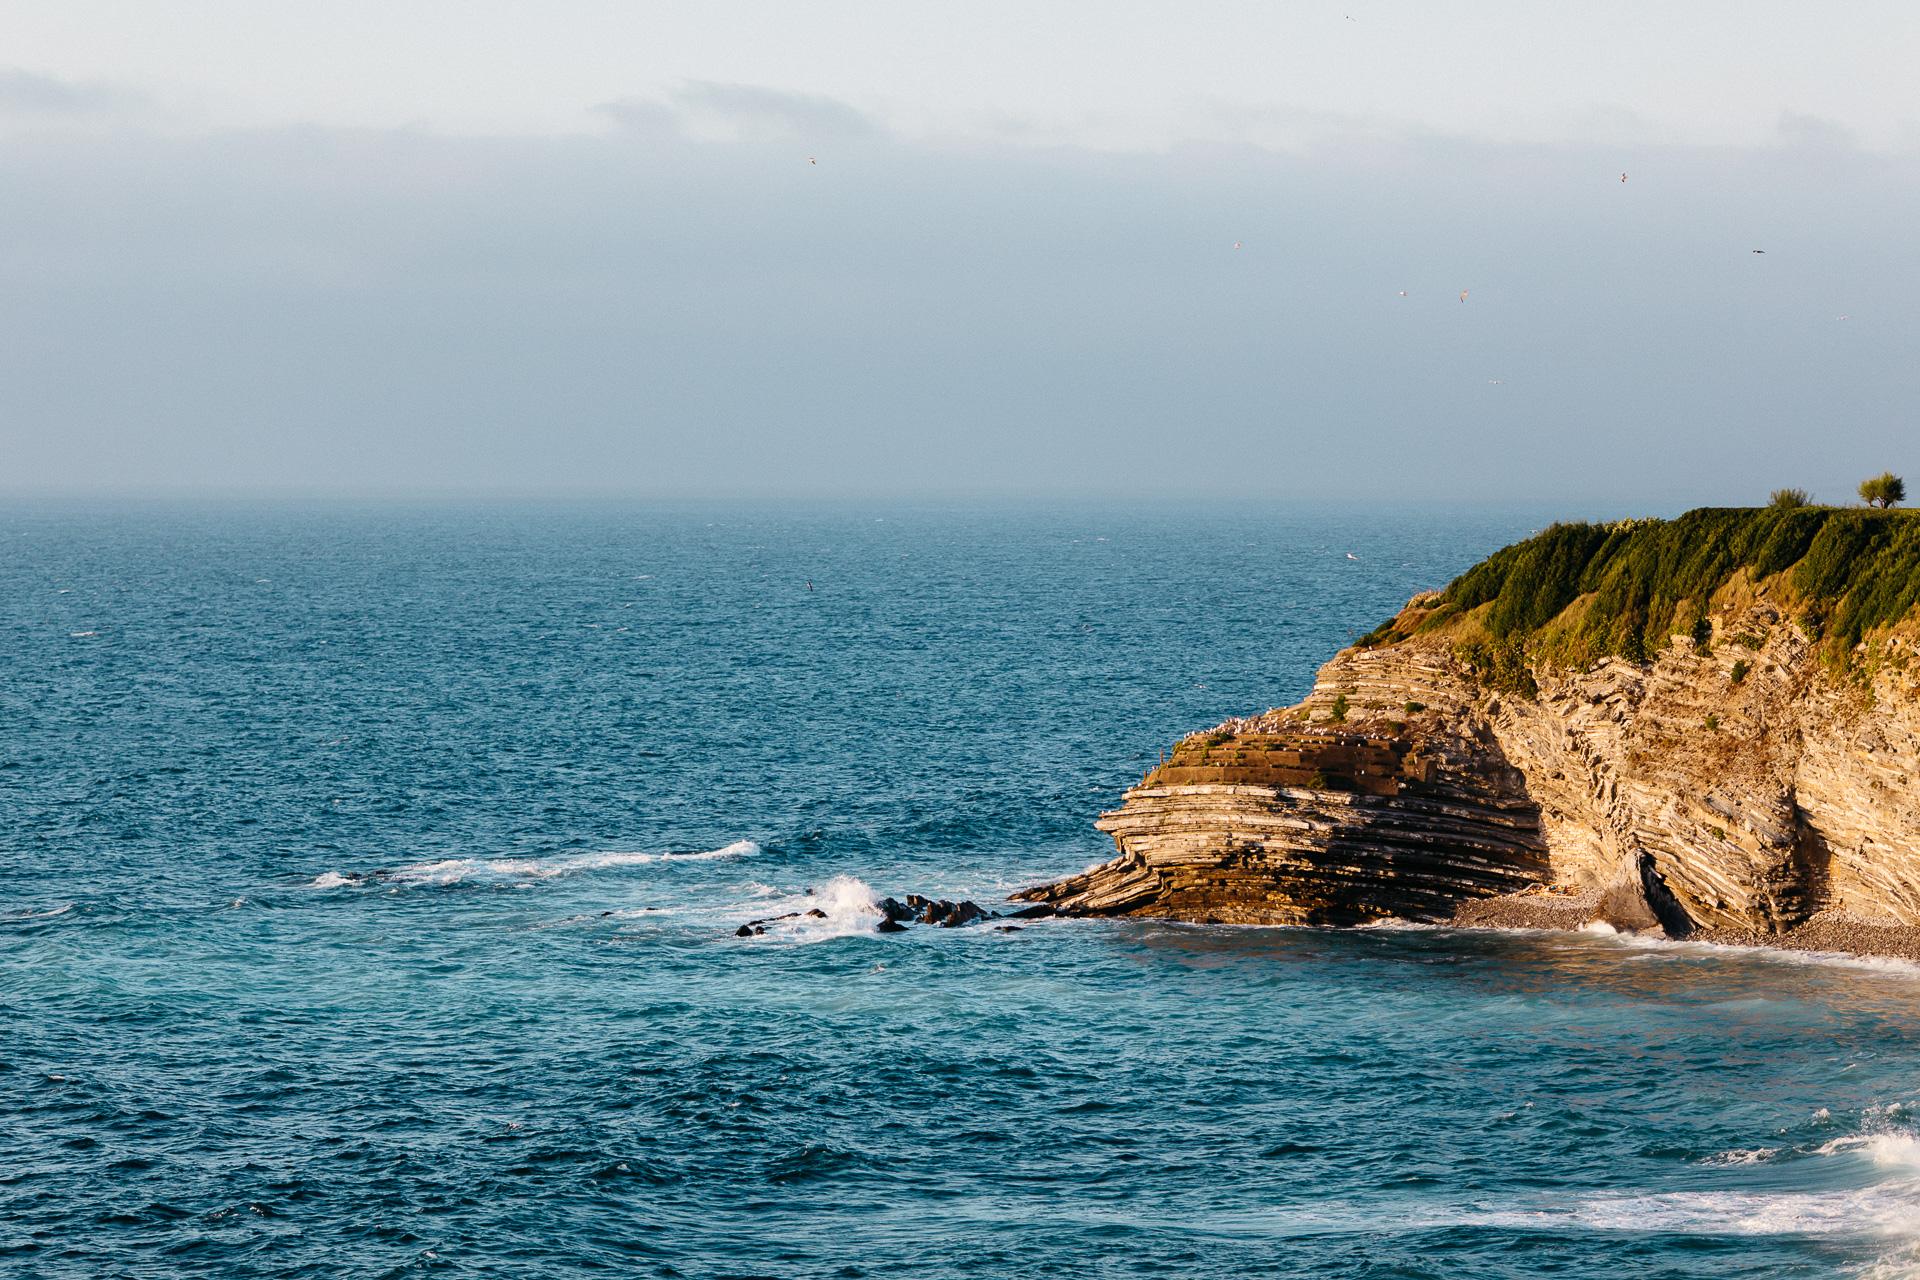 Damien-Dohmen-photographe-Ocean-26